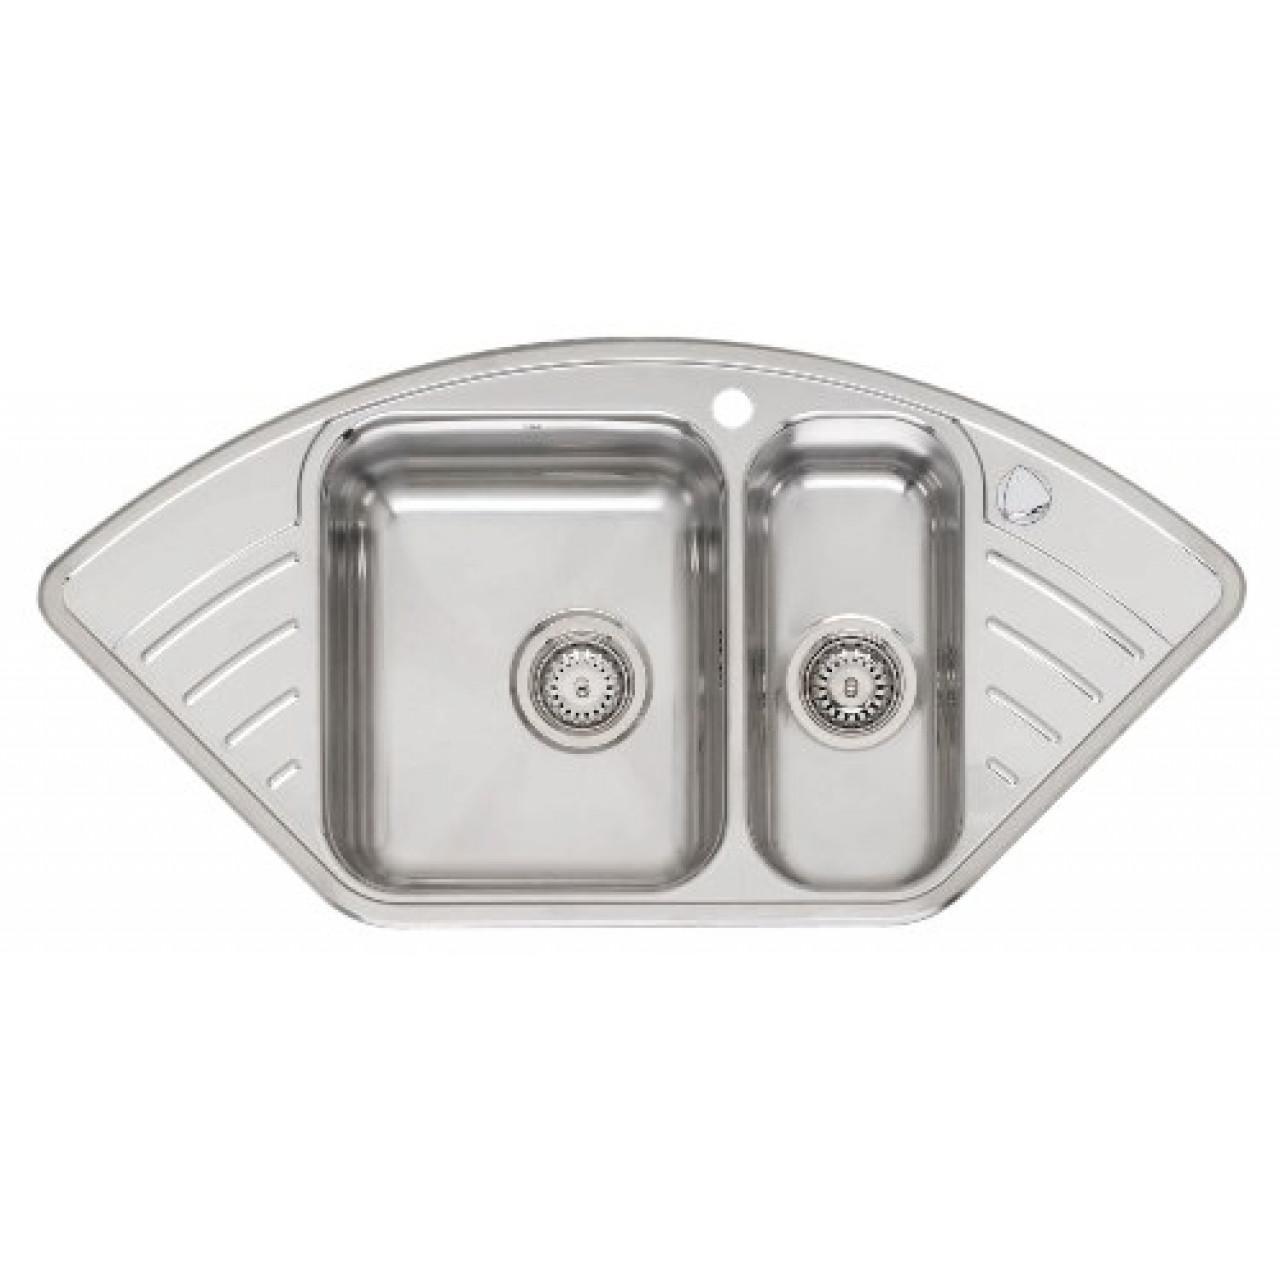 Кухонная мойка Reginox Empire R 15 LUX KGOKG left/right 2098/2099 купить в Москве по цене от 39000р. в интернет-магазине mebel-v-vannu.ru